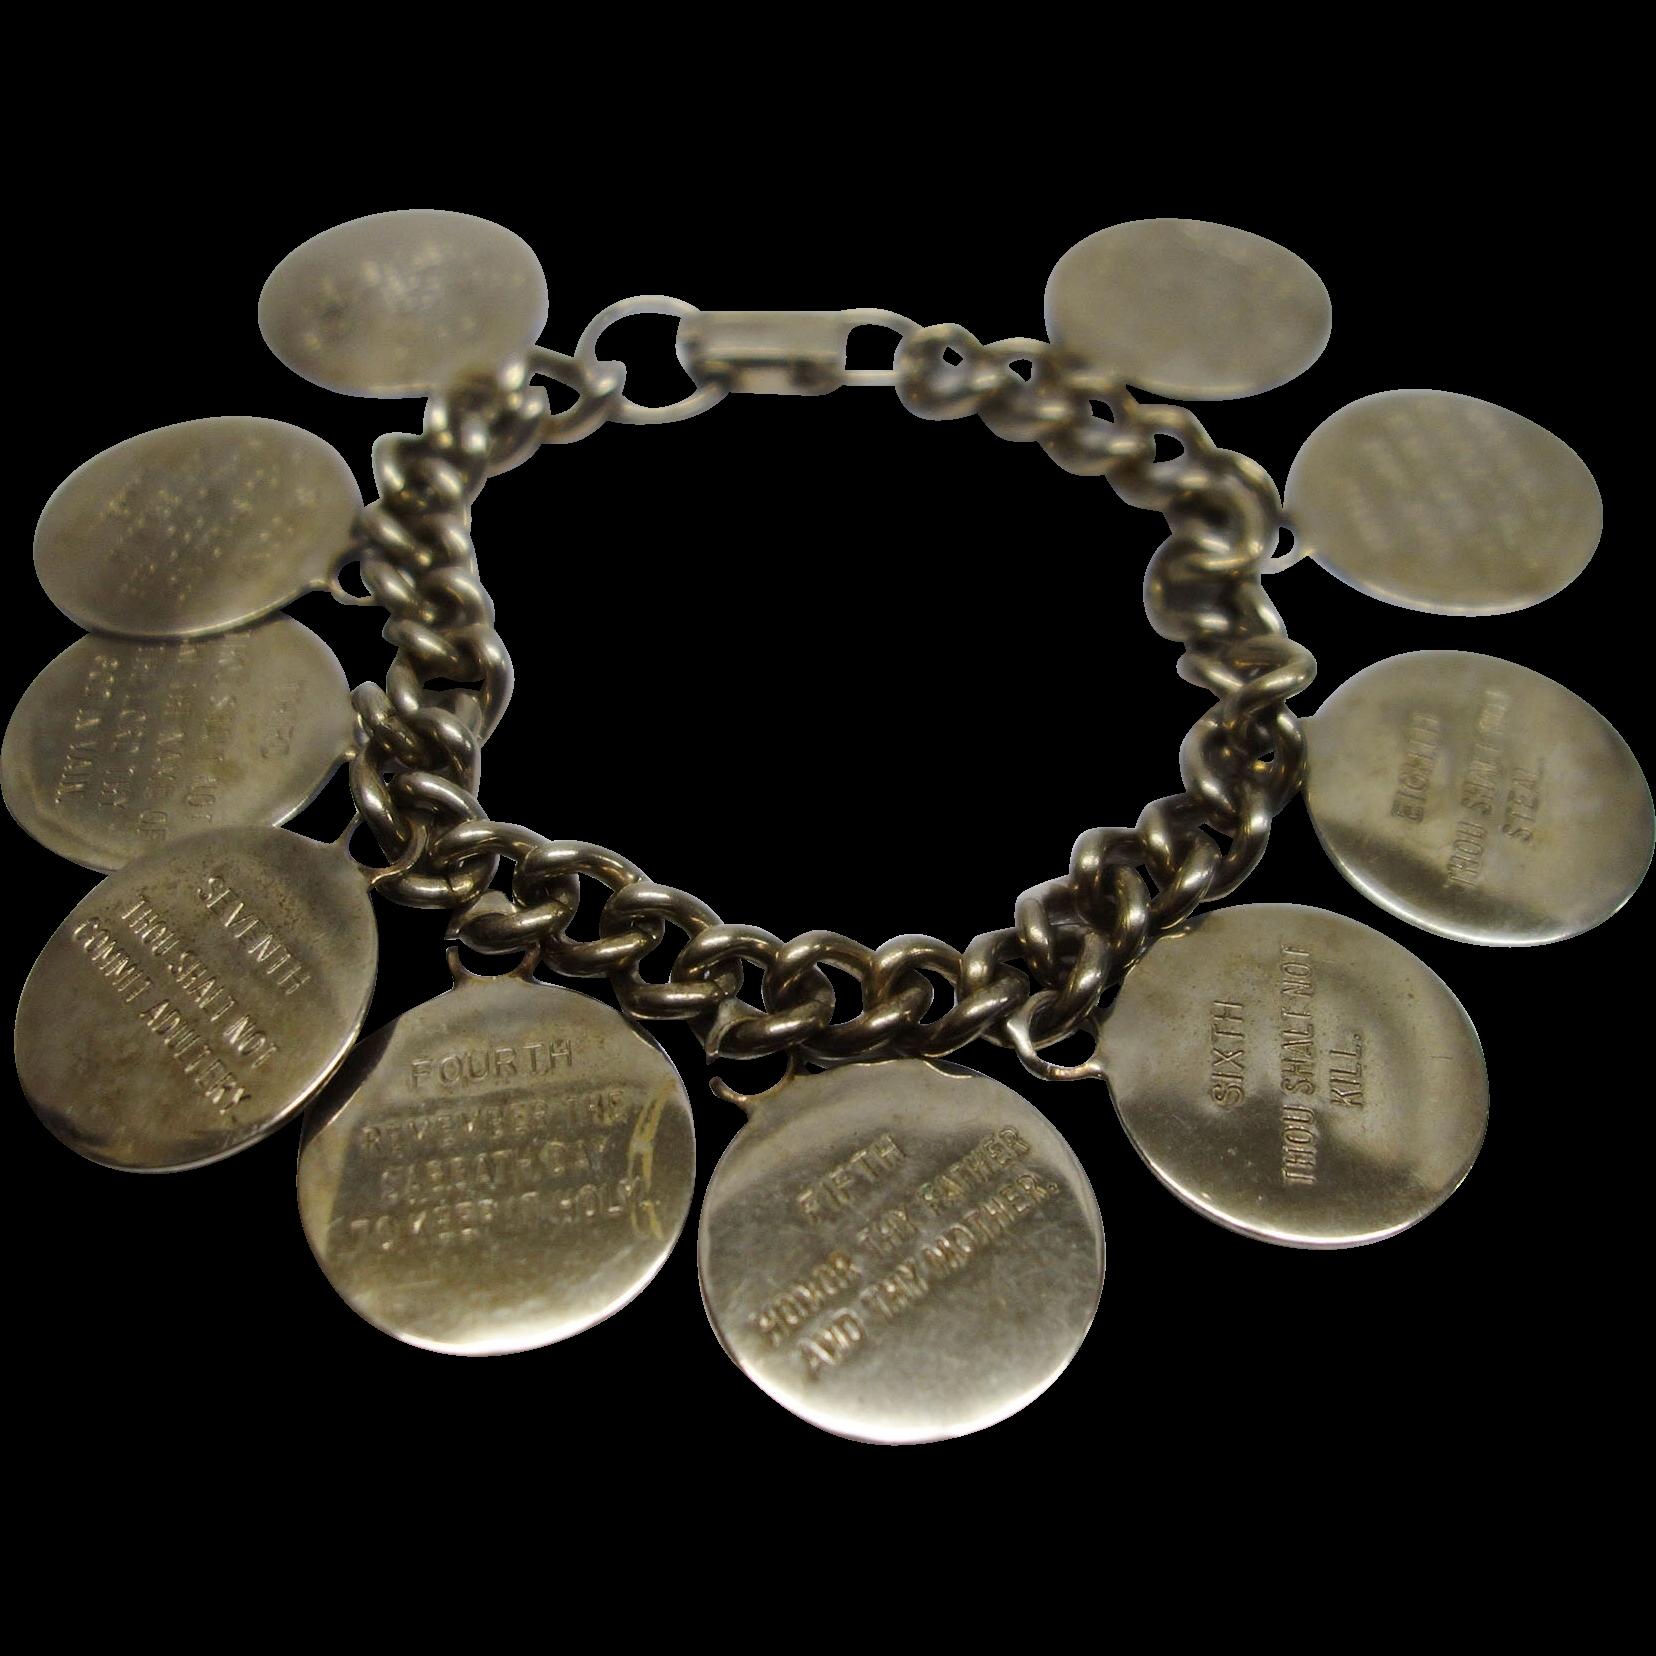 Vintage 1960's Ten Commandment Charm Bracelet